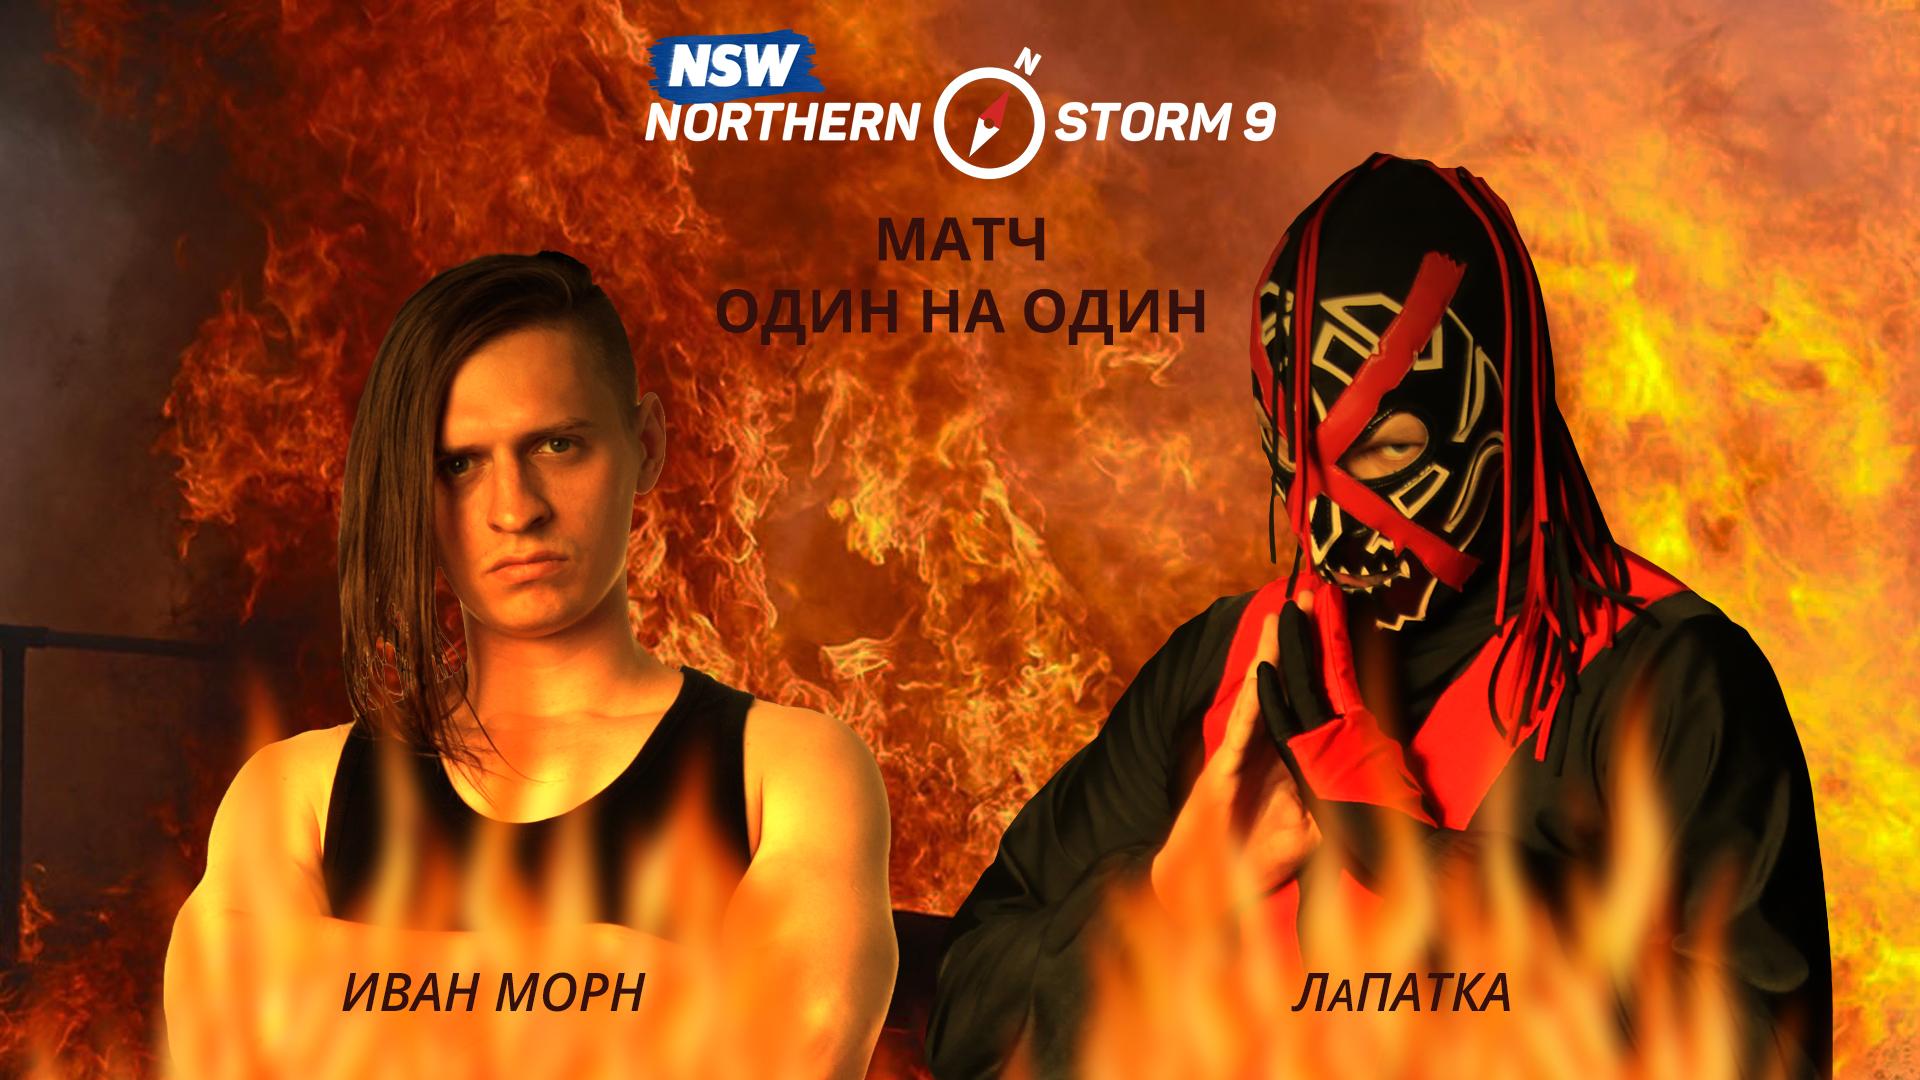 NSW Northern Storm 9: Иван Морн против Константина ЛаПатки